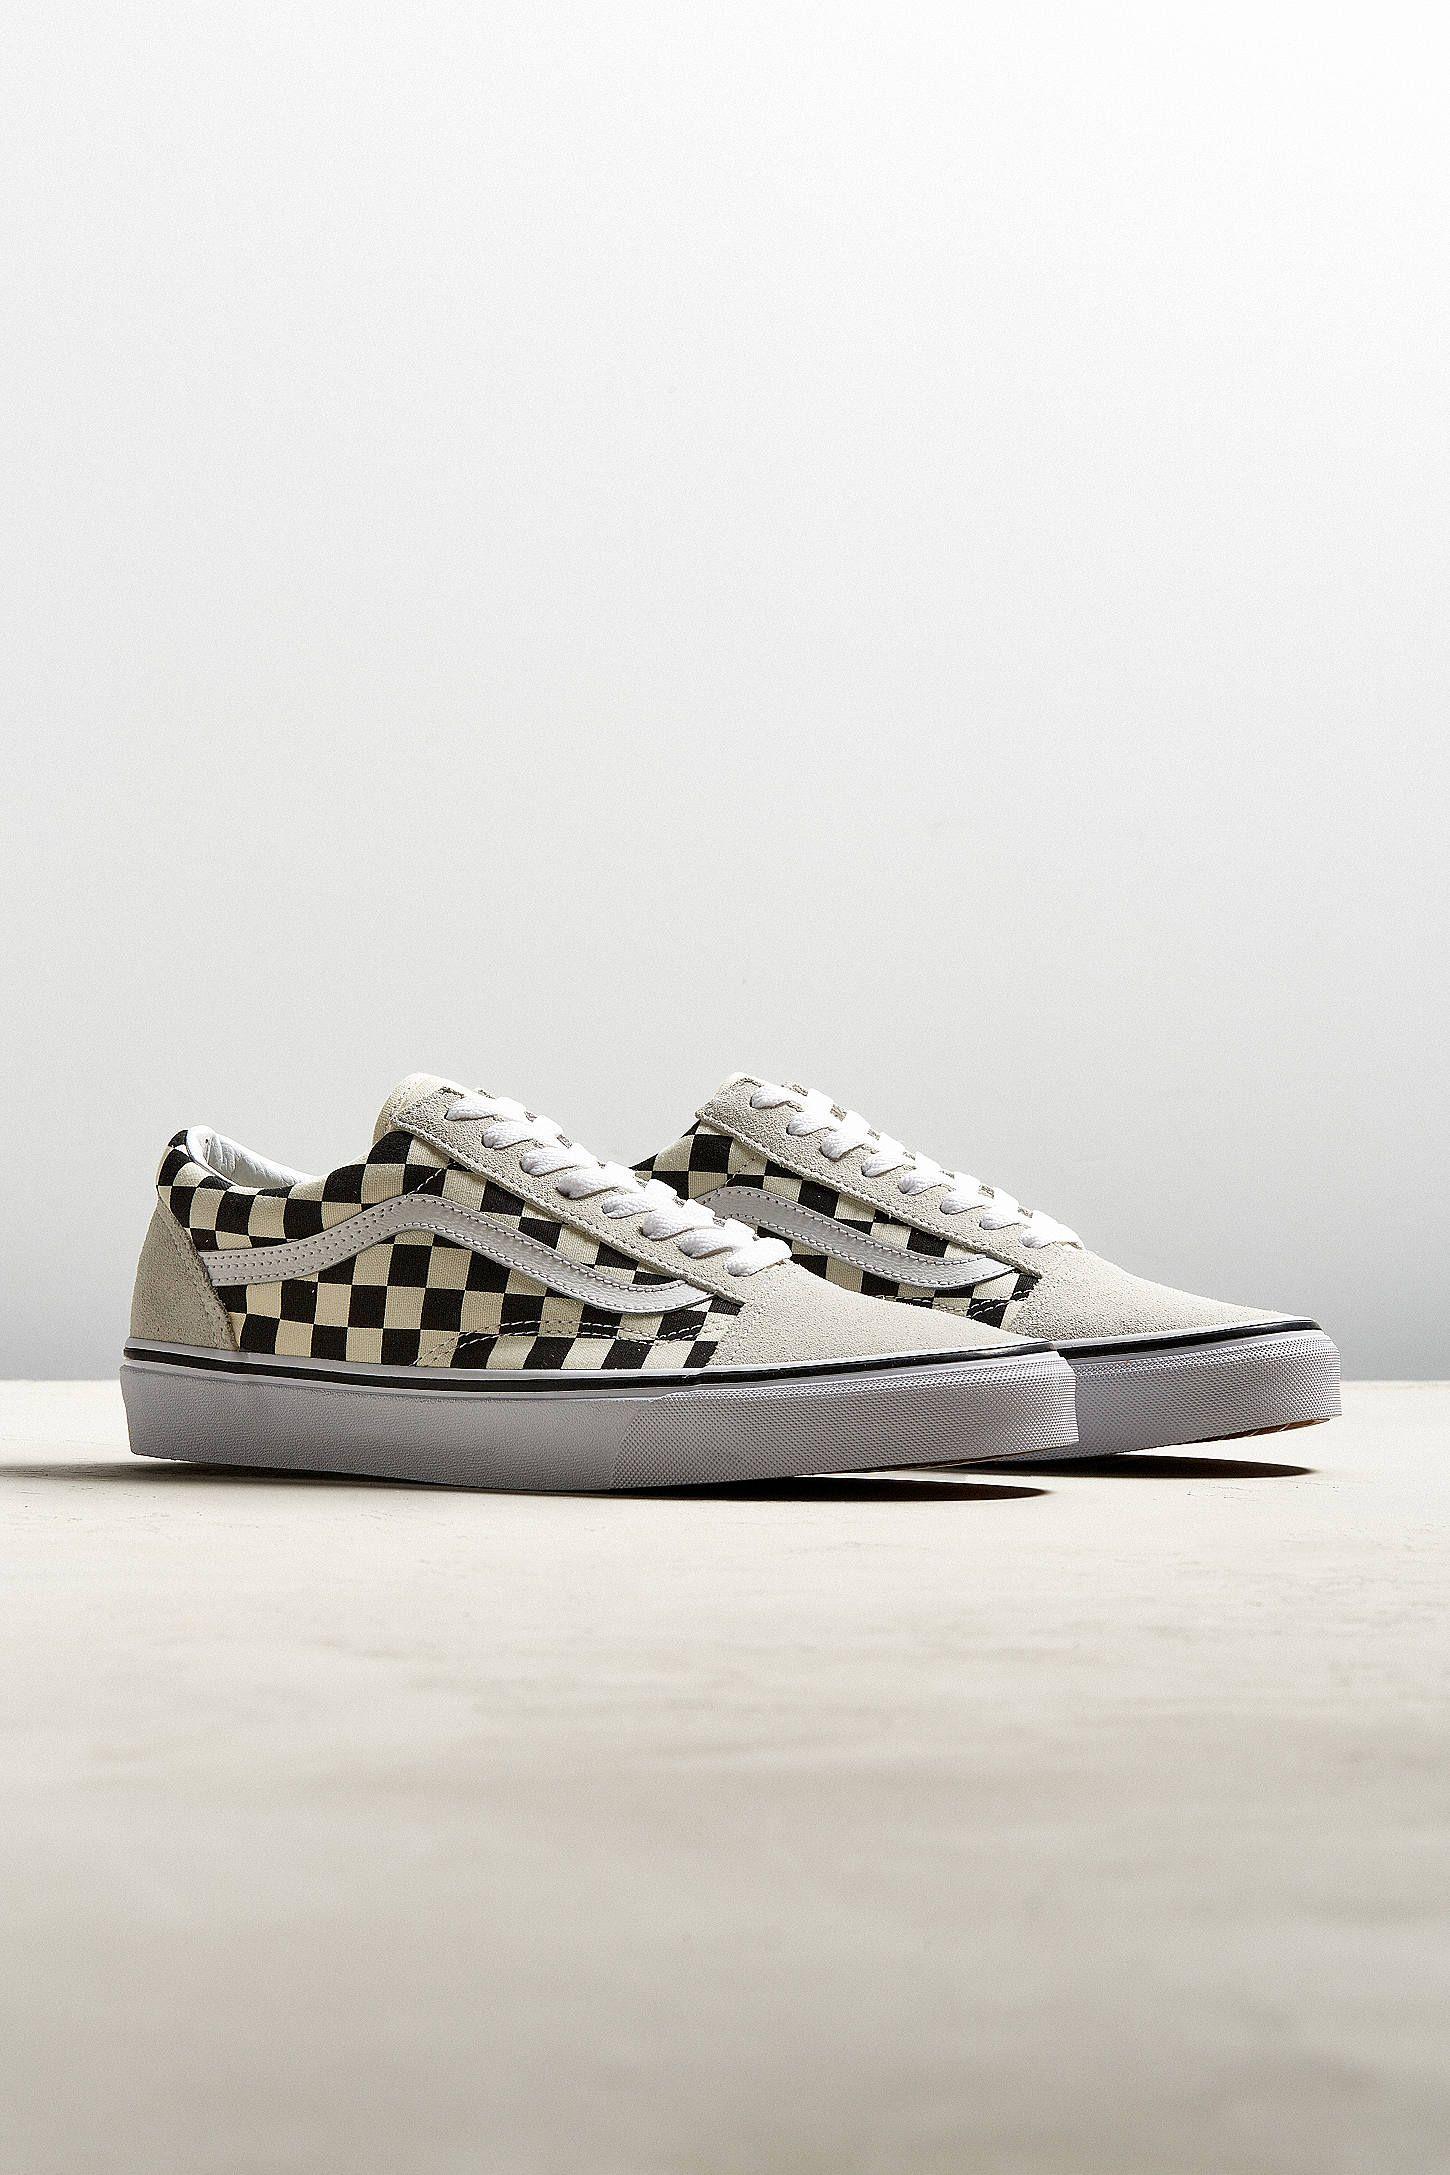 Jason Markk Quick Wipes | Vans old skool, Sneakers, Vans shop